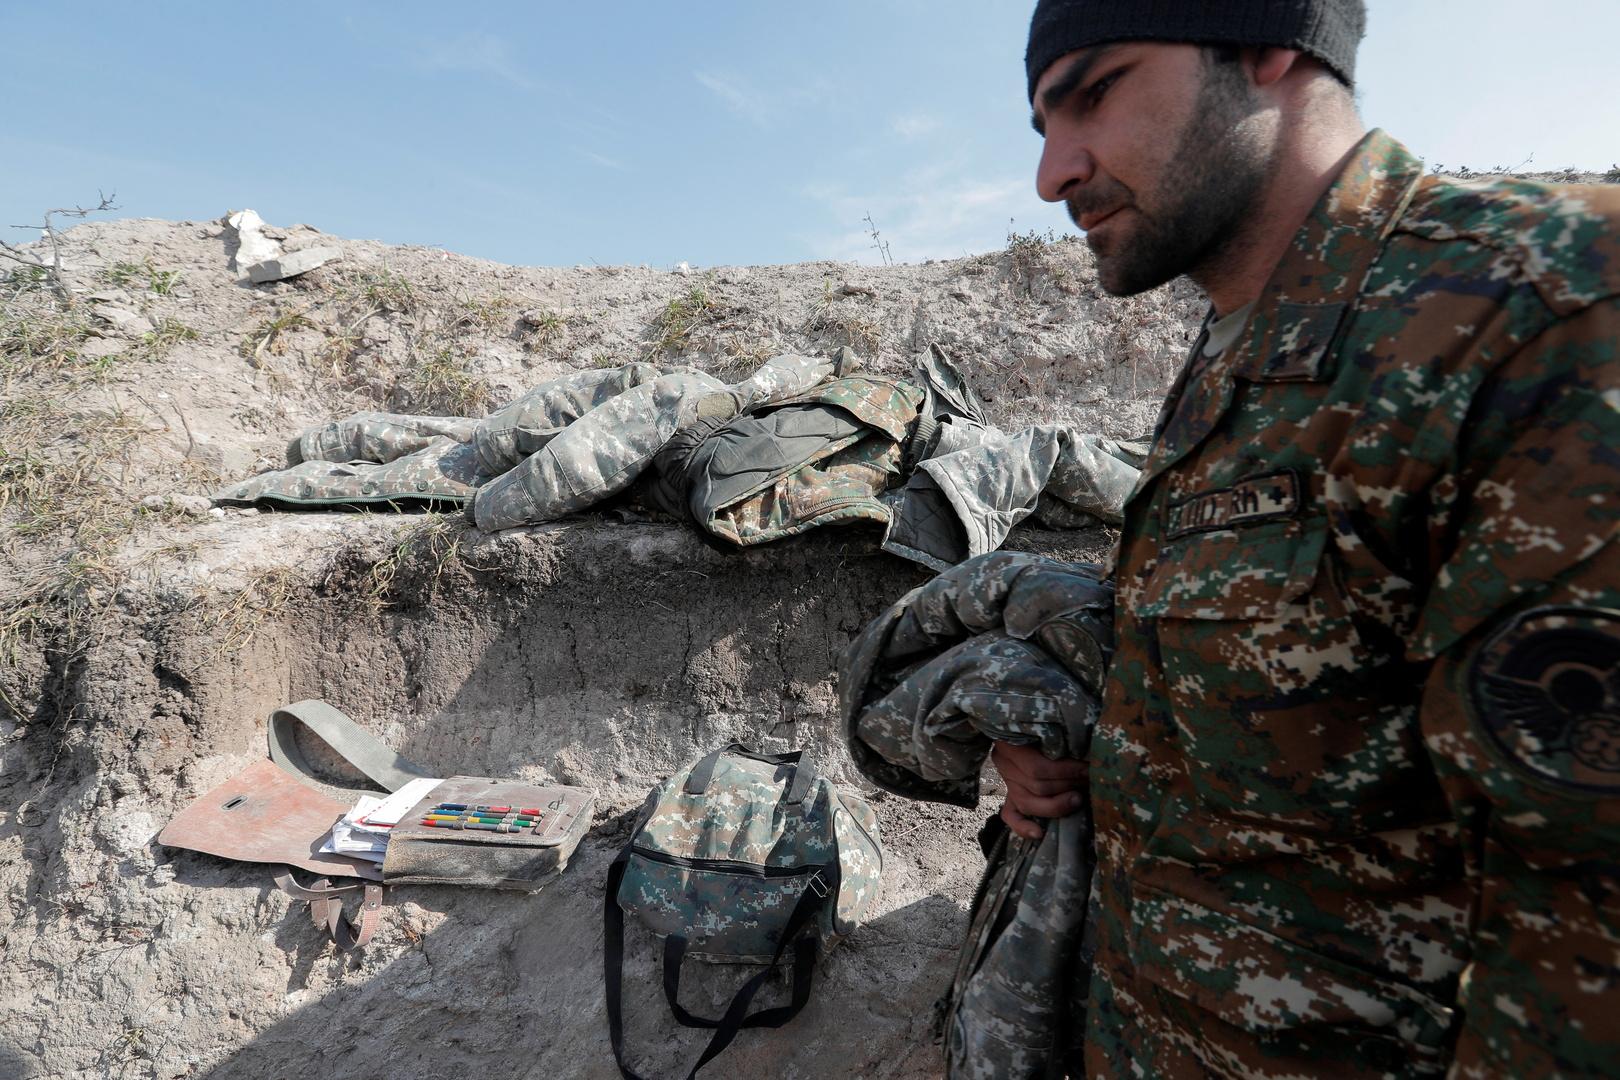 مقتل 51 عسكريا من وحدات الدفاع في قره باغ خلال اليوم الماضي